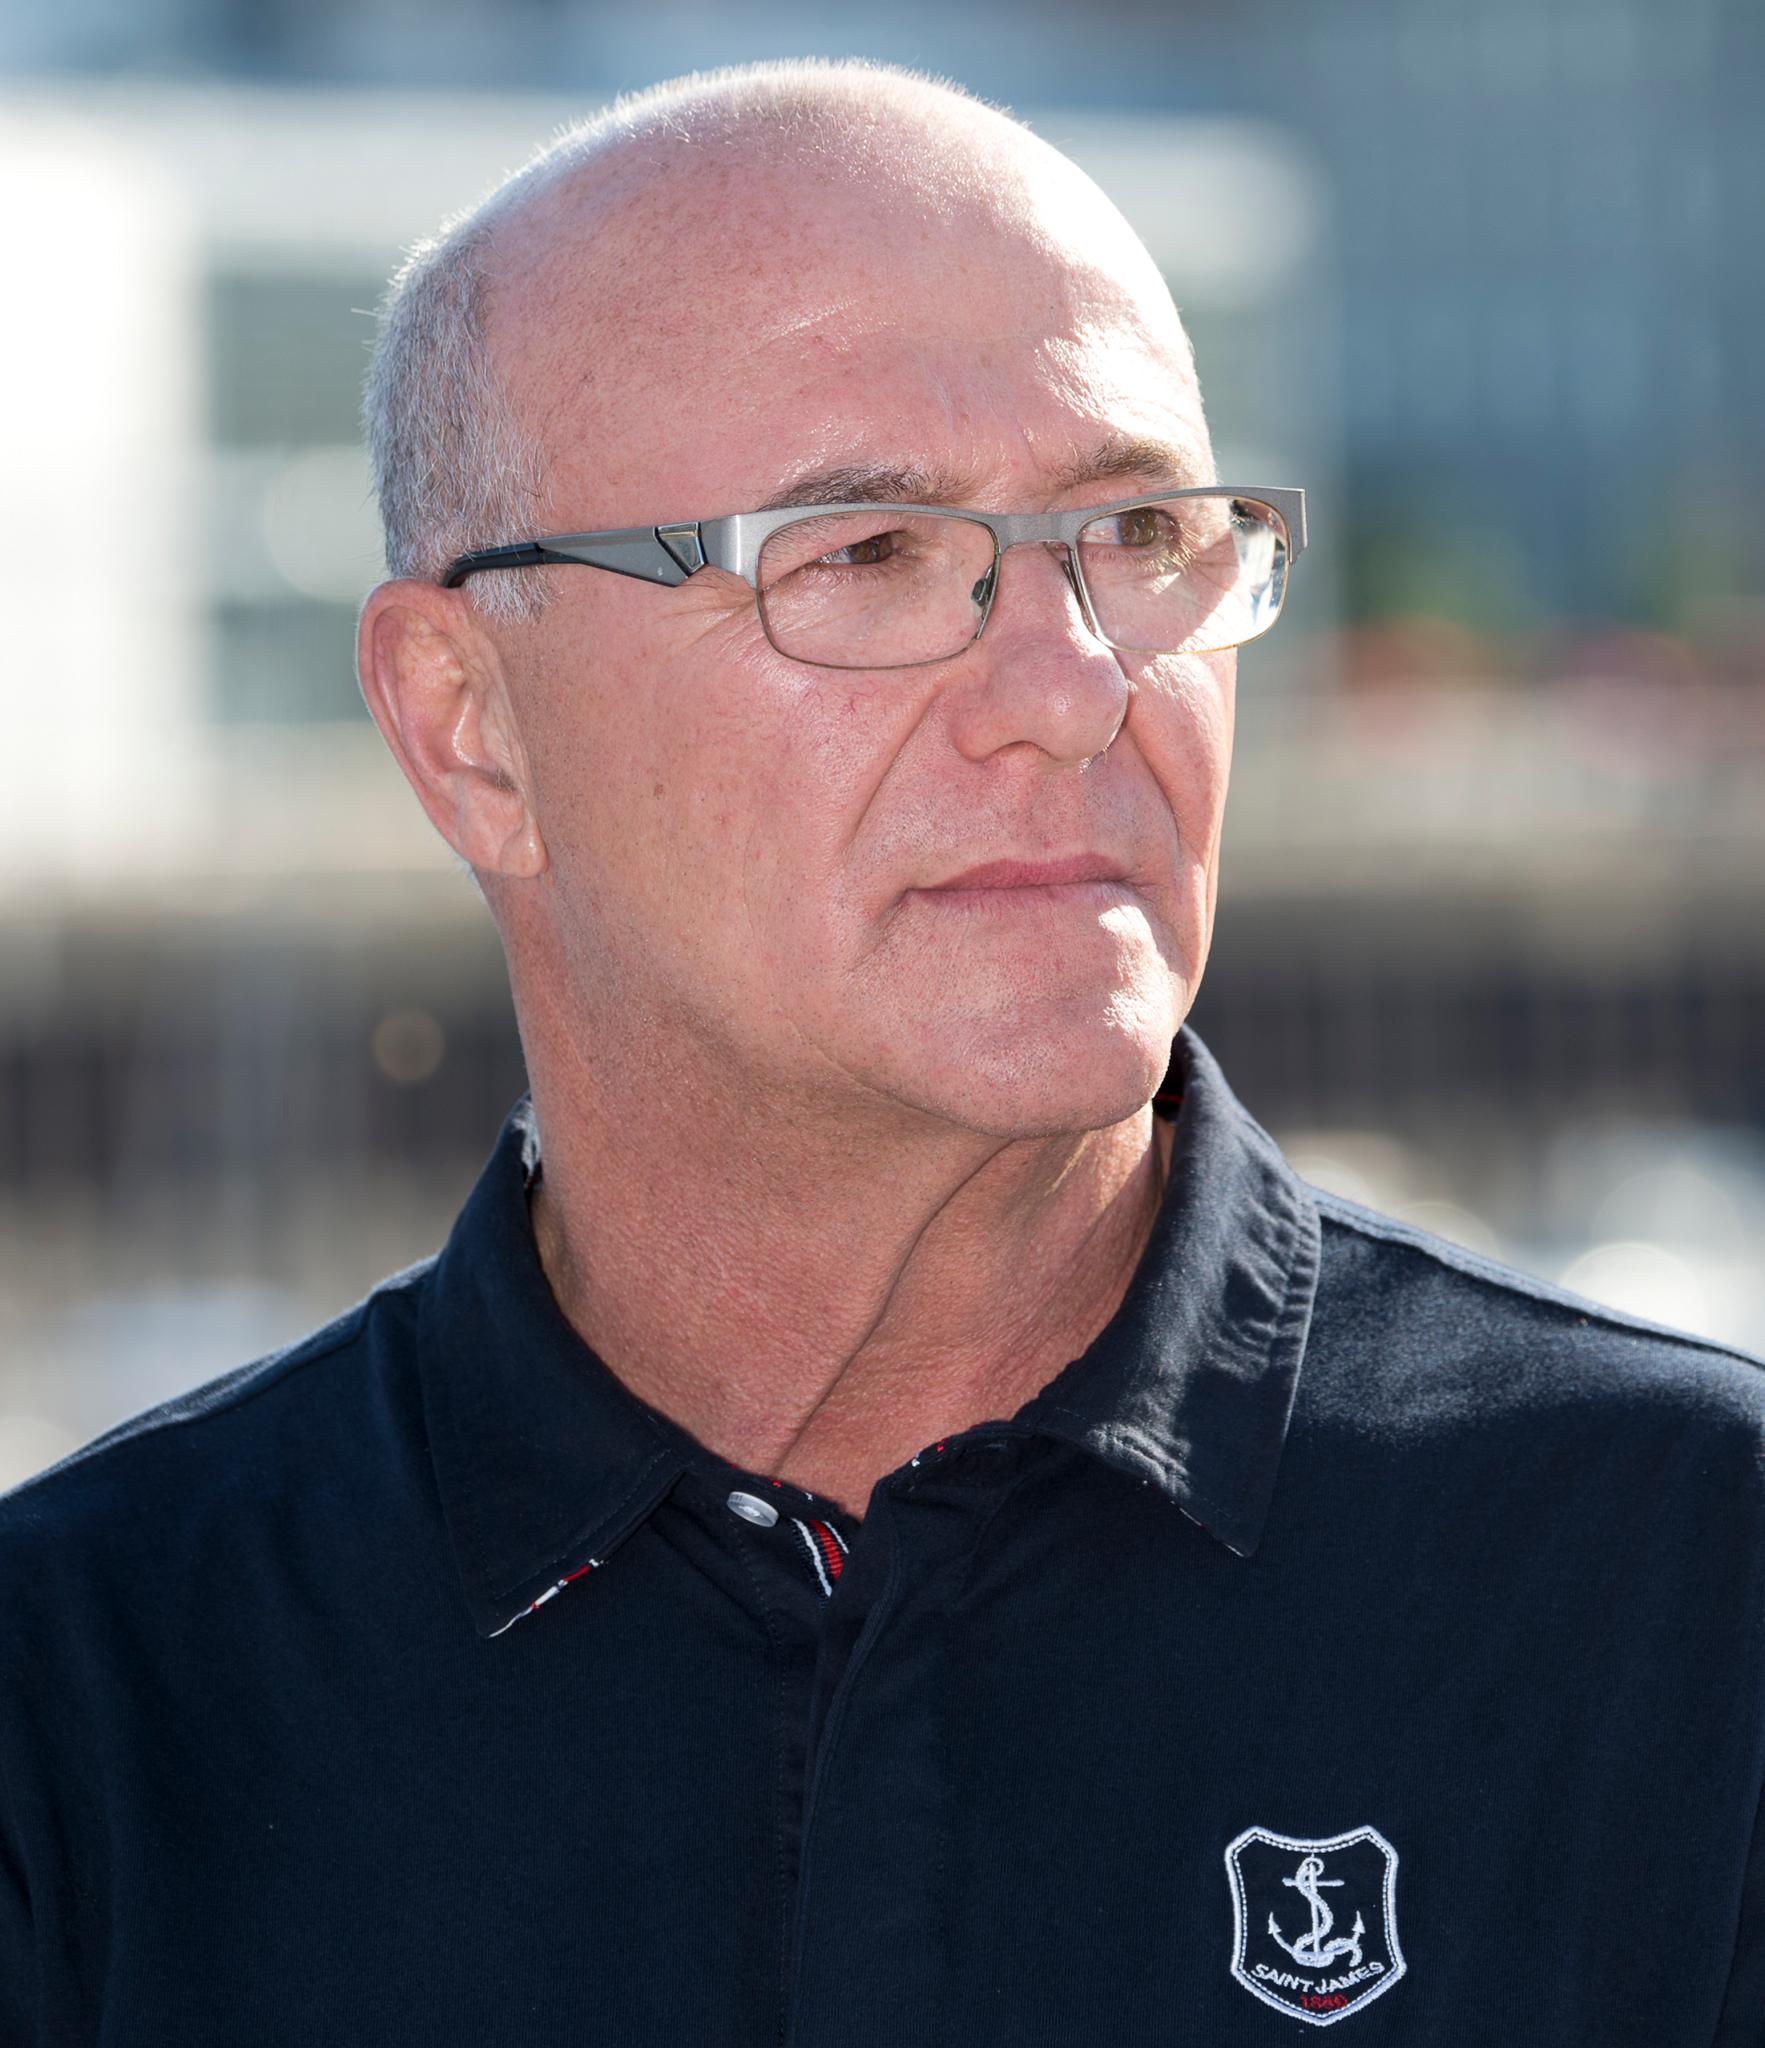 Boisvert Marine à Sorel-Tracy: En affaire depuis plus de 26 ans, BOISVERT MARINE a été fondé par M. Gaétan Boisvert. Desservant avant tout SOREL-TRACY, BOISVERT MARINE a progressivement pris l'essor et offre maintenant des bateaux neufs et d'occasion au Québec et Ontario.